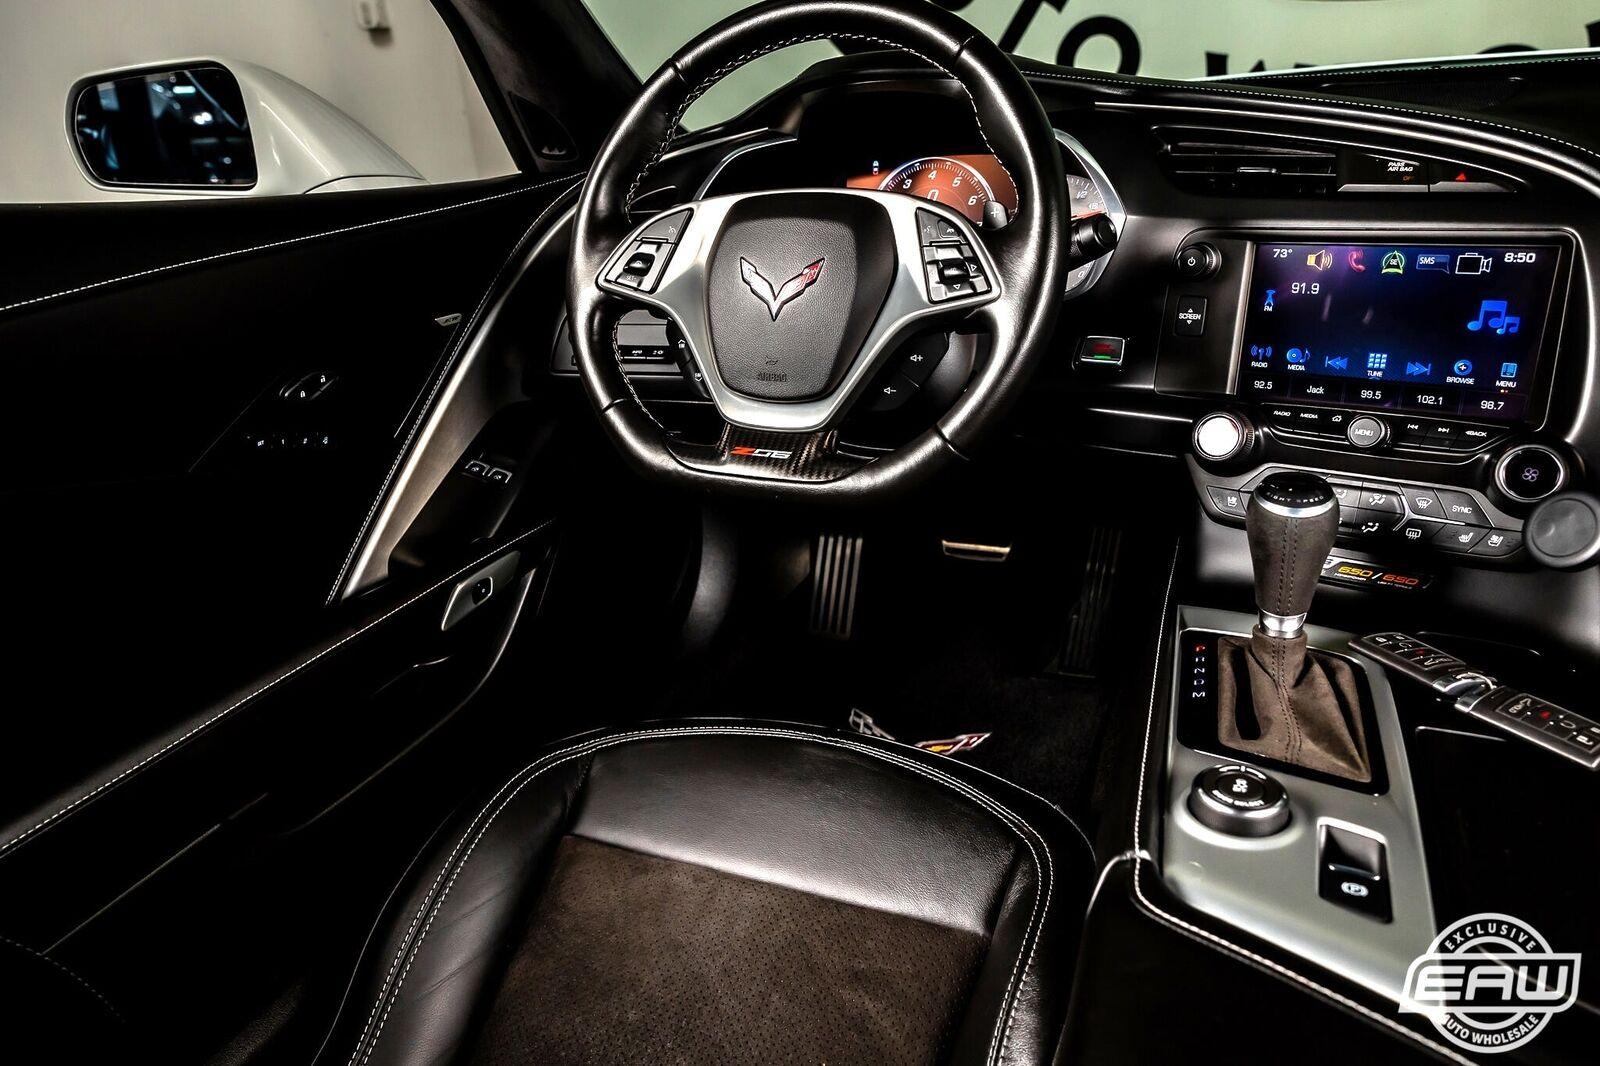 2016 White Chevrolet Corvette Z06 3LZ | C7 Corvette Photo 7